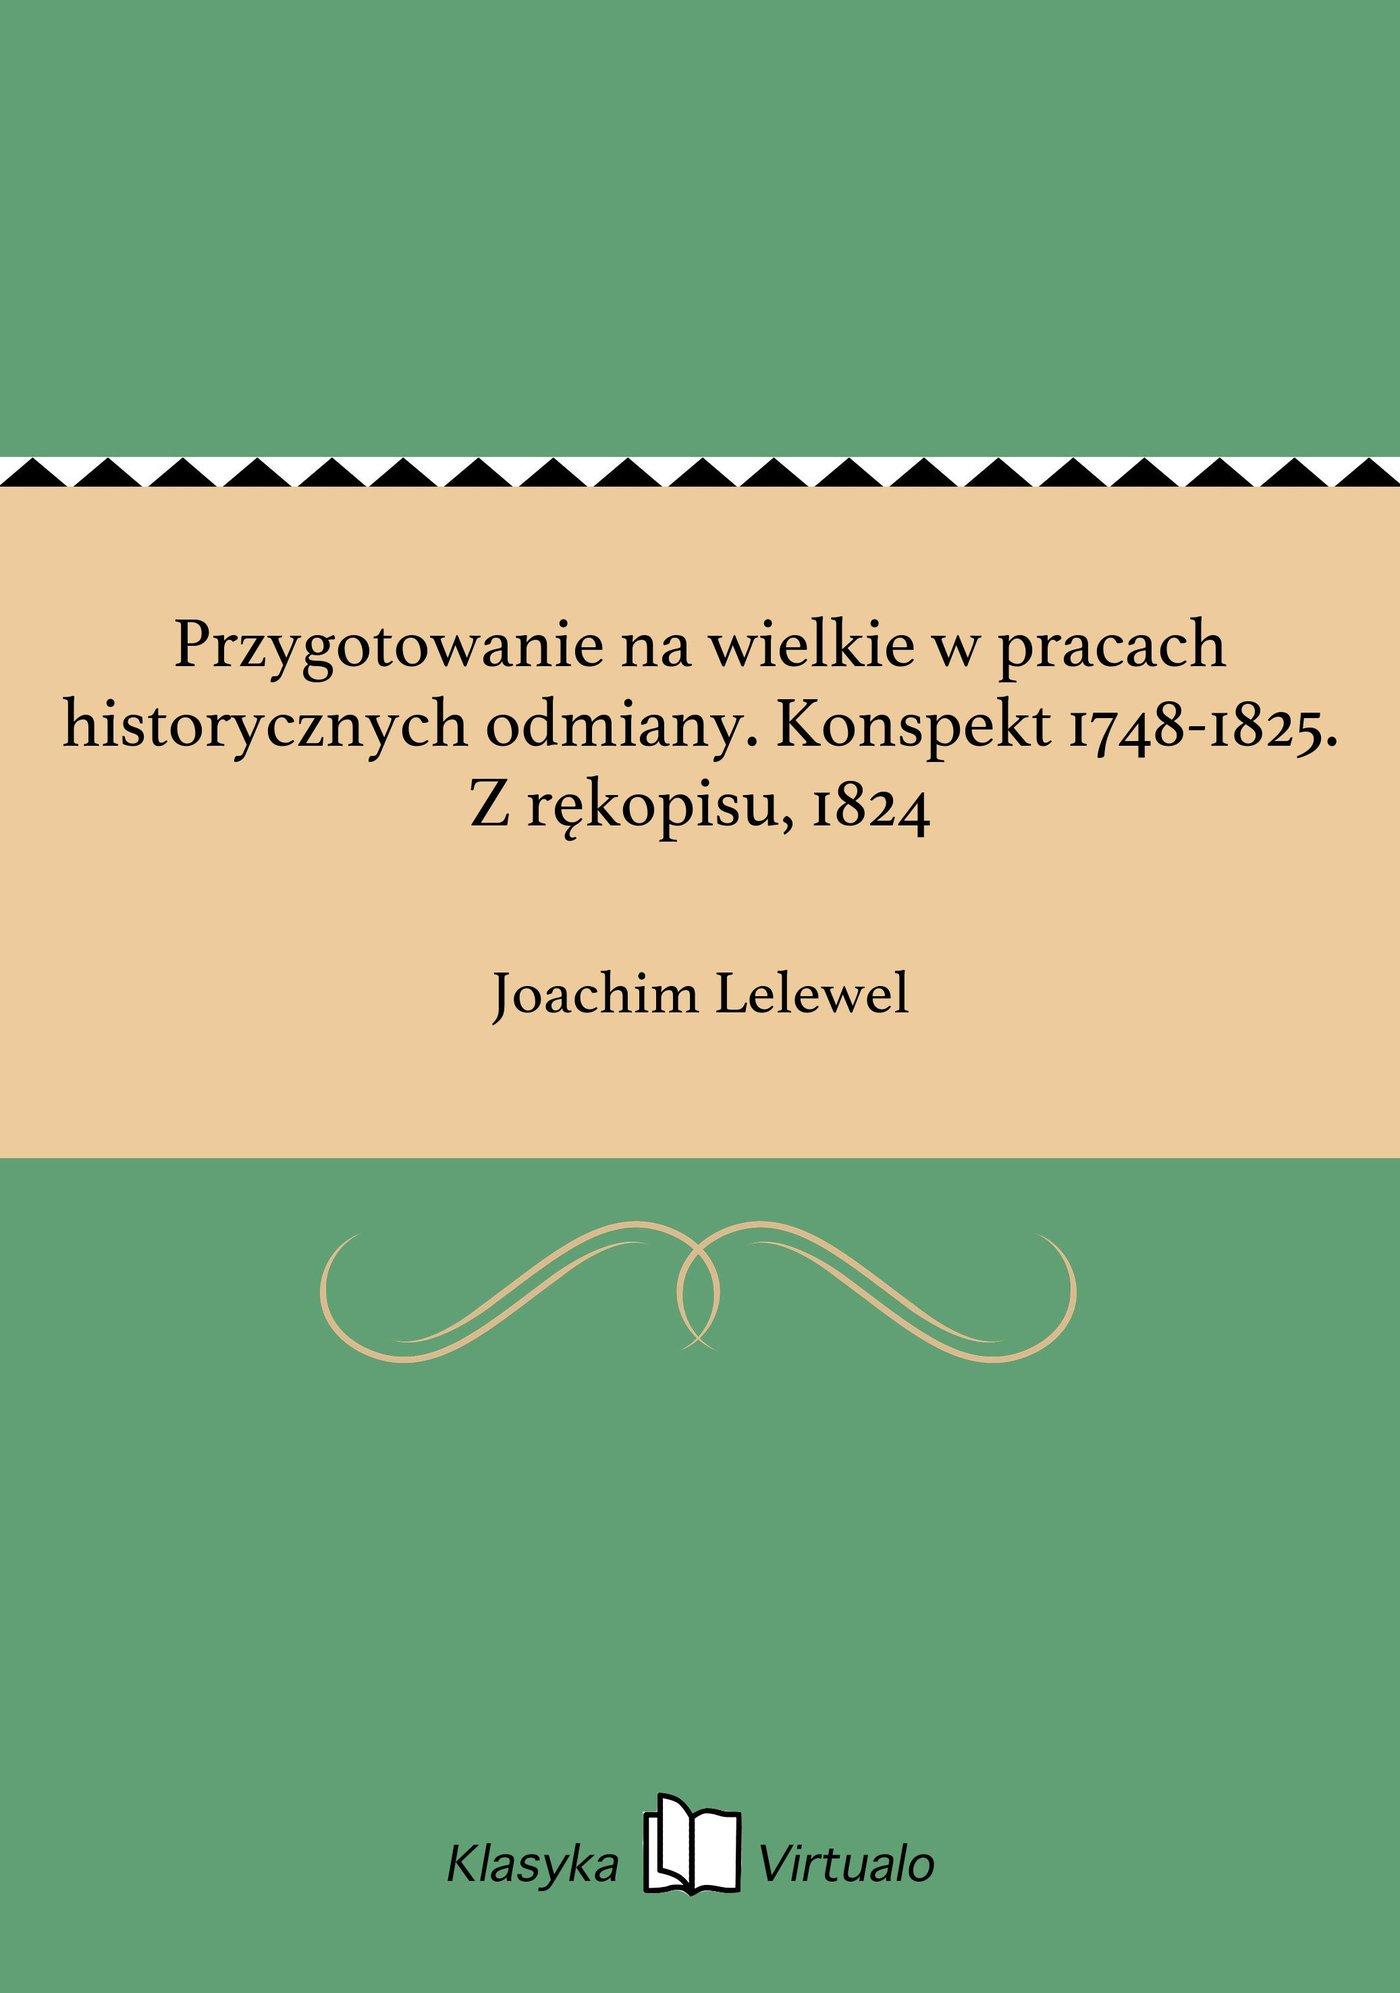 Przygotowanie na wielkie w pracach historycznych odmiany. Konspekt 1748-1825. Z rękopisu, 1824 - Ebook (Książka EPUB) do pobrania w formacie EPUB